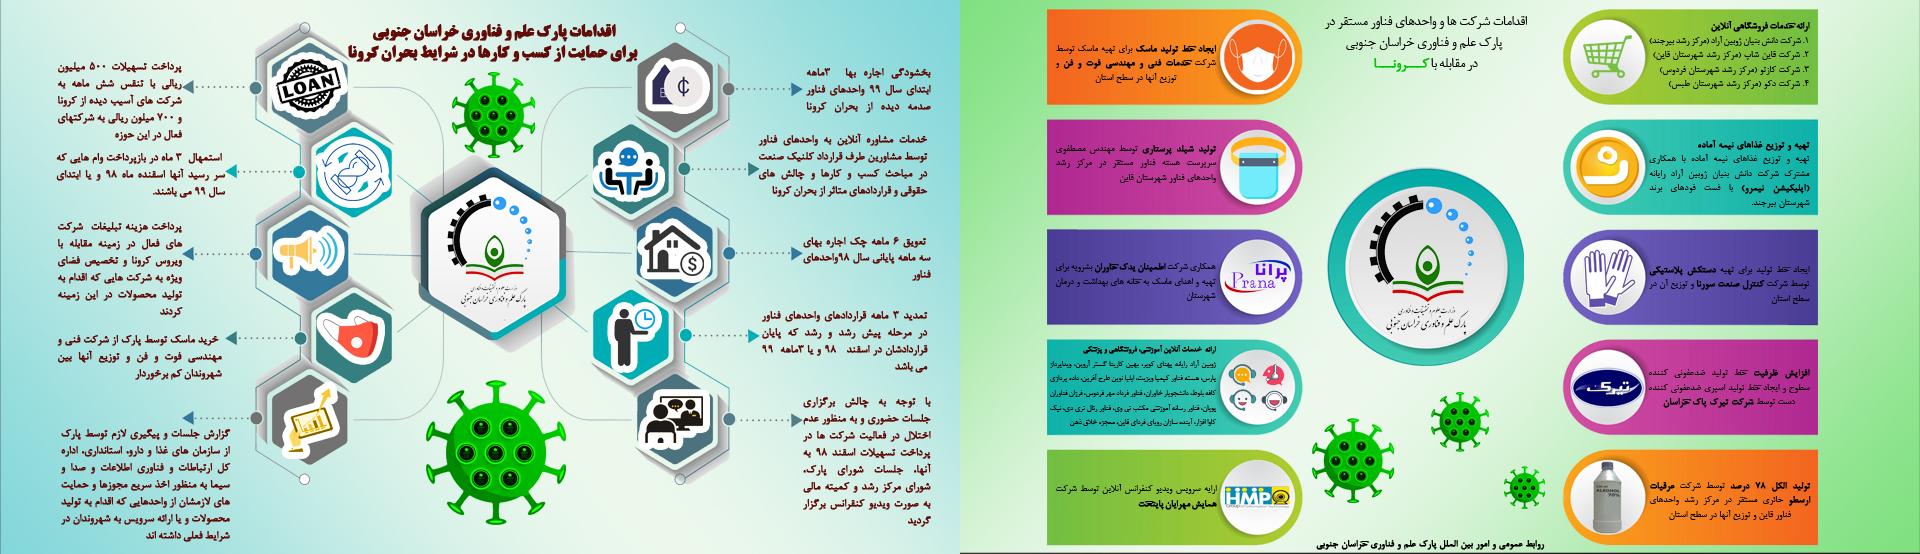 اقدامات پارک علم و فناوری خراسان جنوبی و شرکت های مستقر در مقابله با کرونا